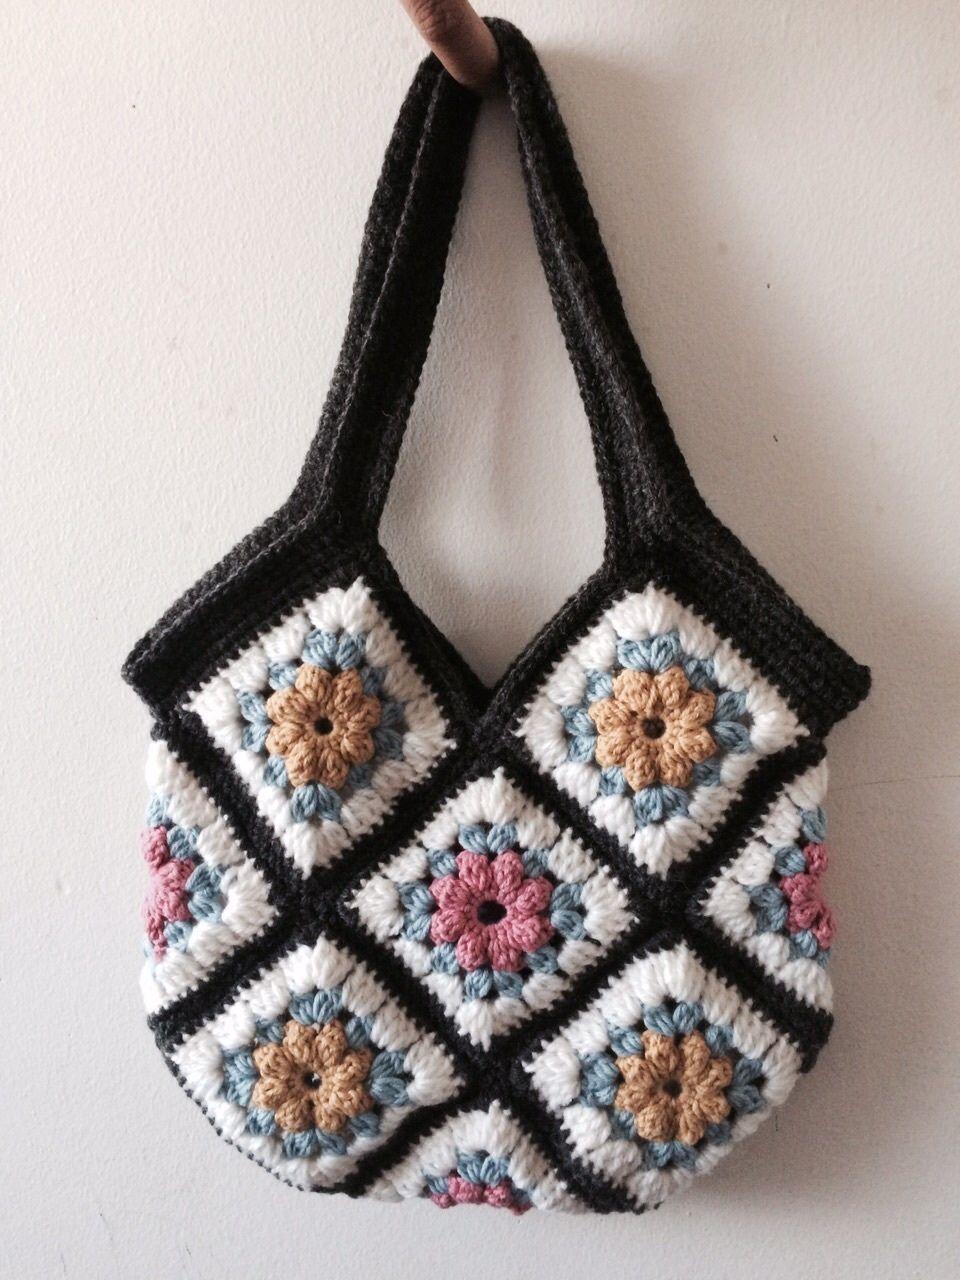 Sac Mosaïque tricoté par Charitha, arty et citadin avec ses nombreuses poches intérieures pour les femmes occupées !